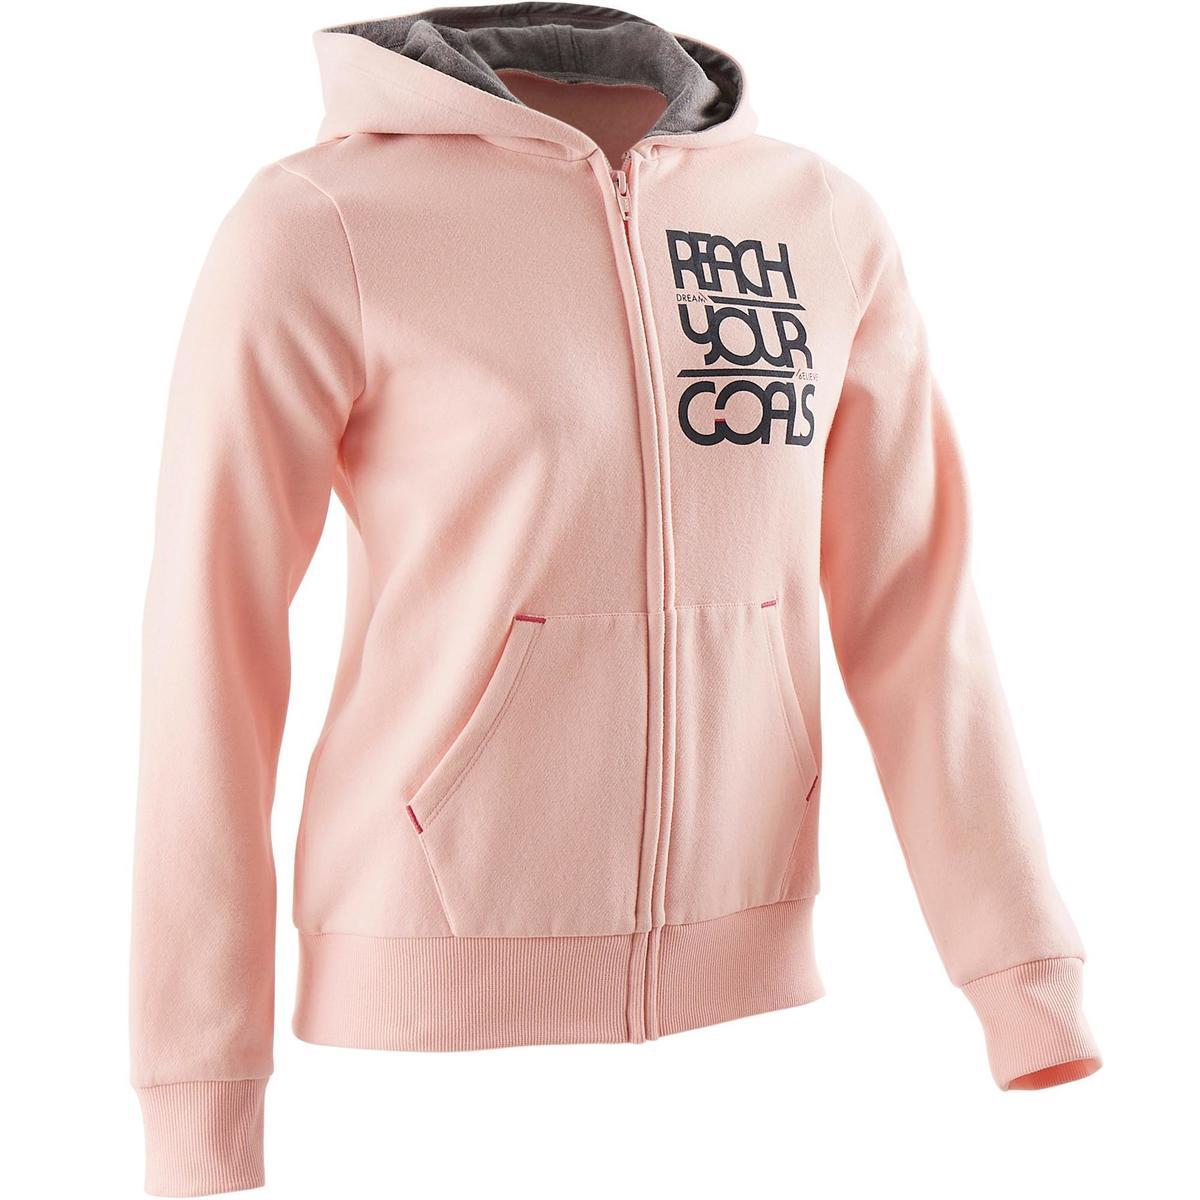 Bild 1 von Sweatshirtjacke 500 Gym Kinder rosa